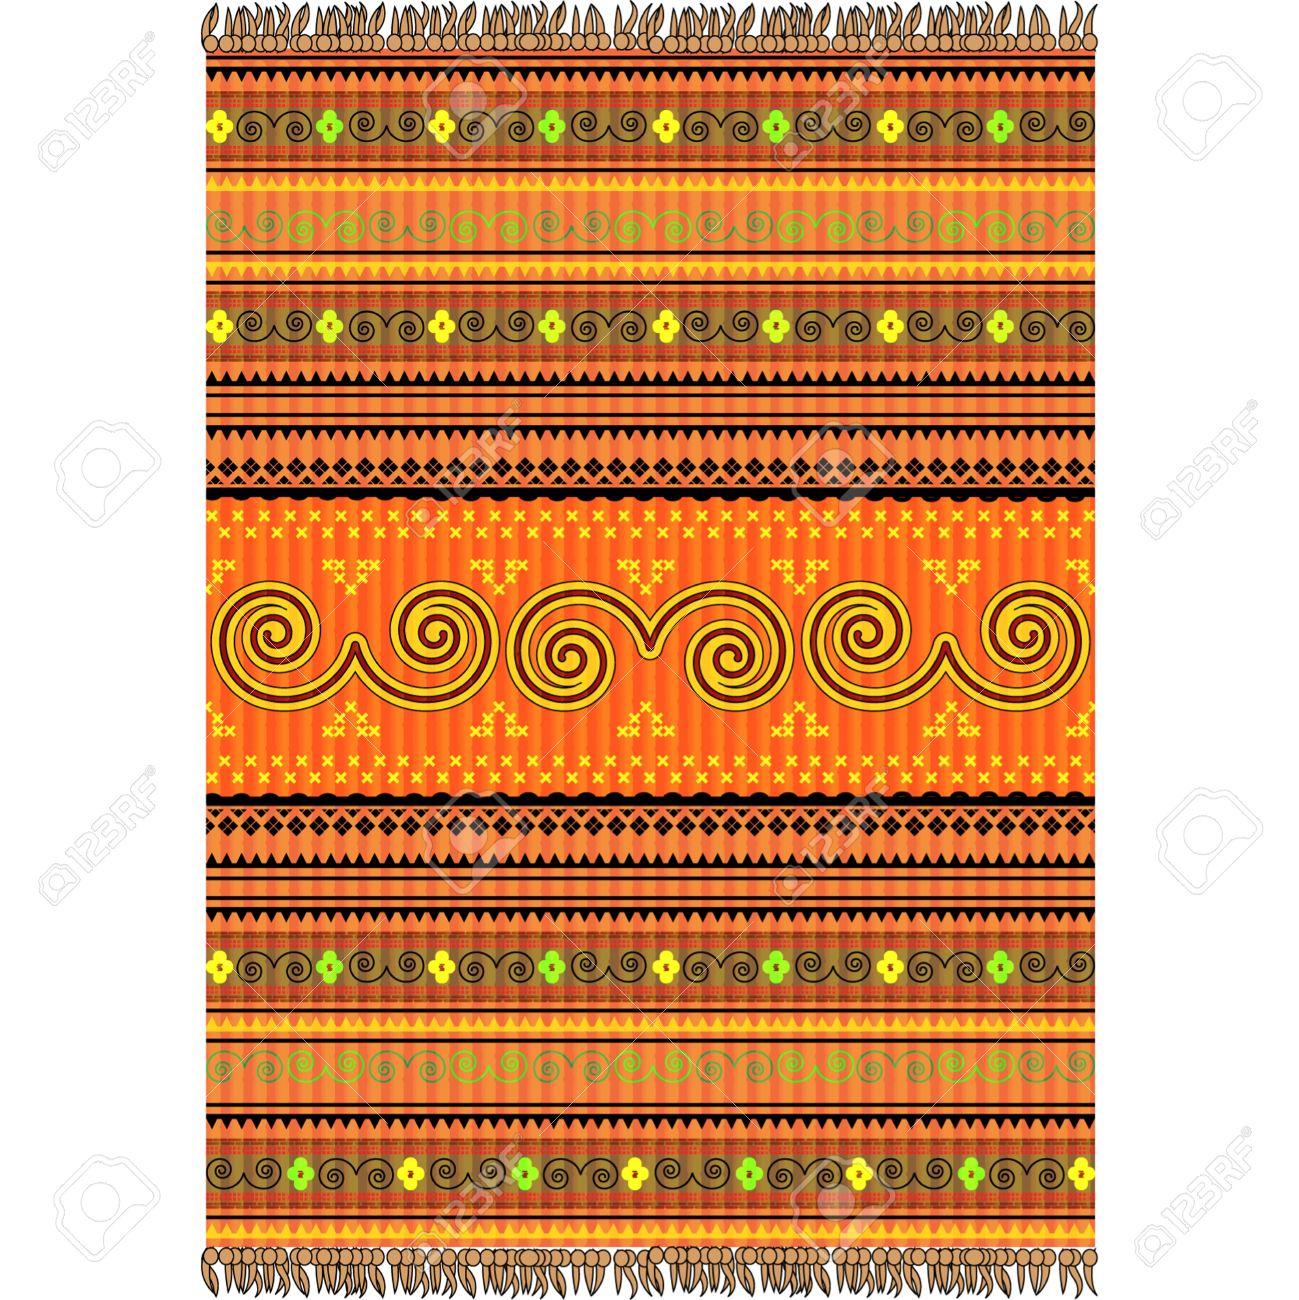 Teppich design textur  Teppich-Design In Warmen Tönen, Ornamentale Textur Lizenzfrei ...